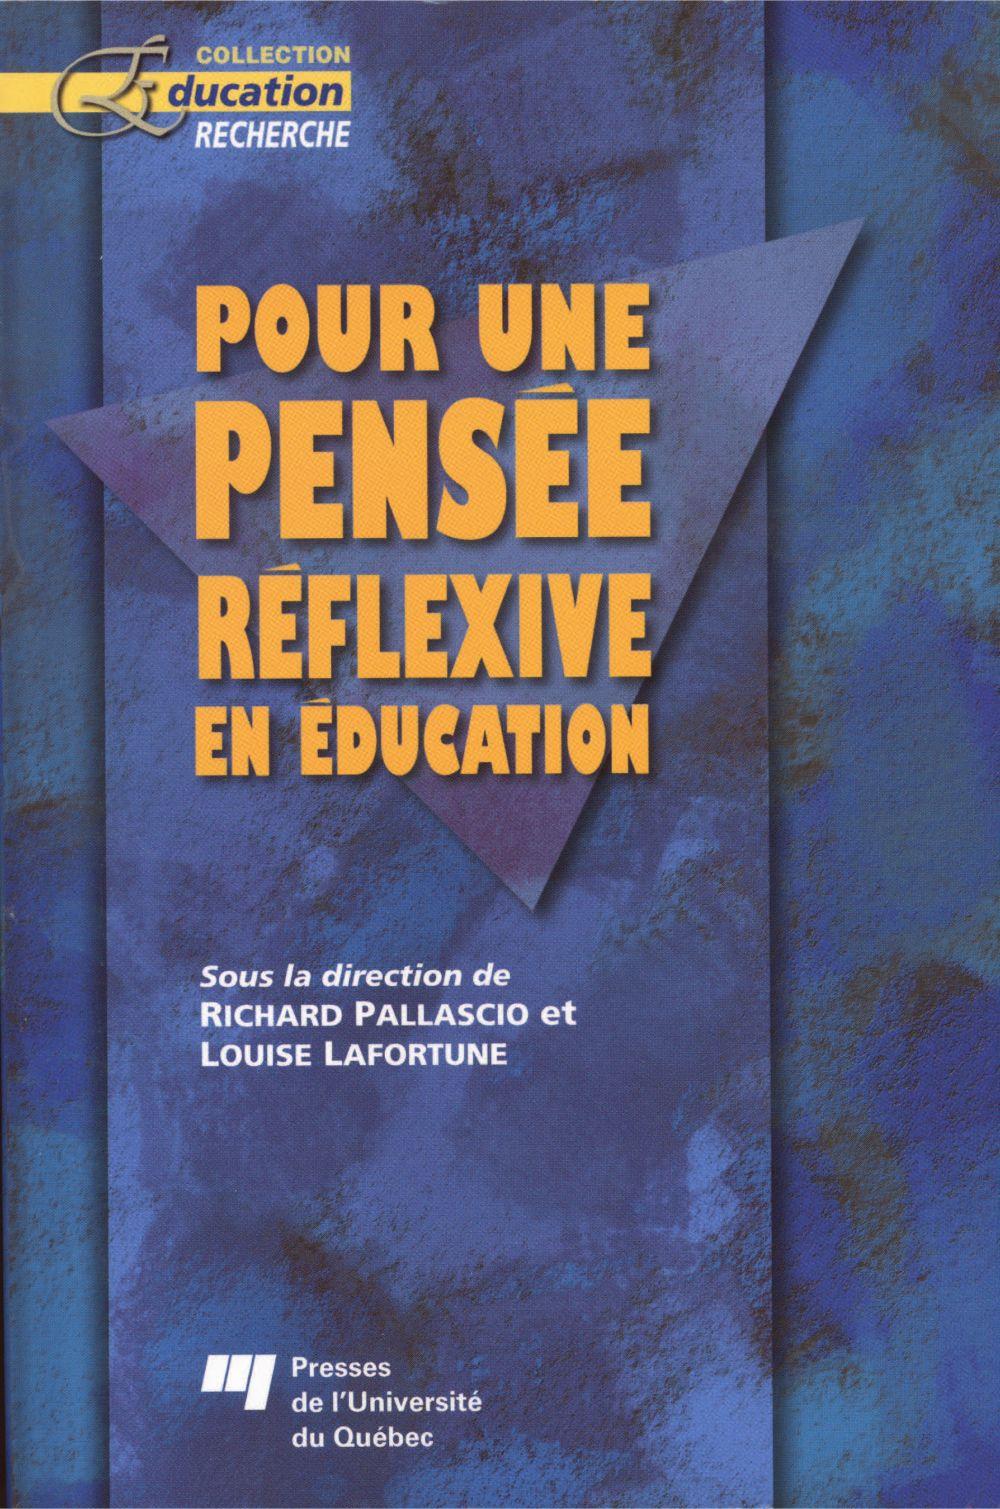 Pour une pensée réflexive en éducation